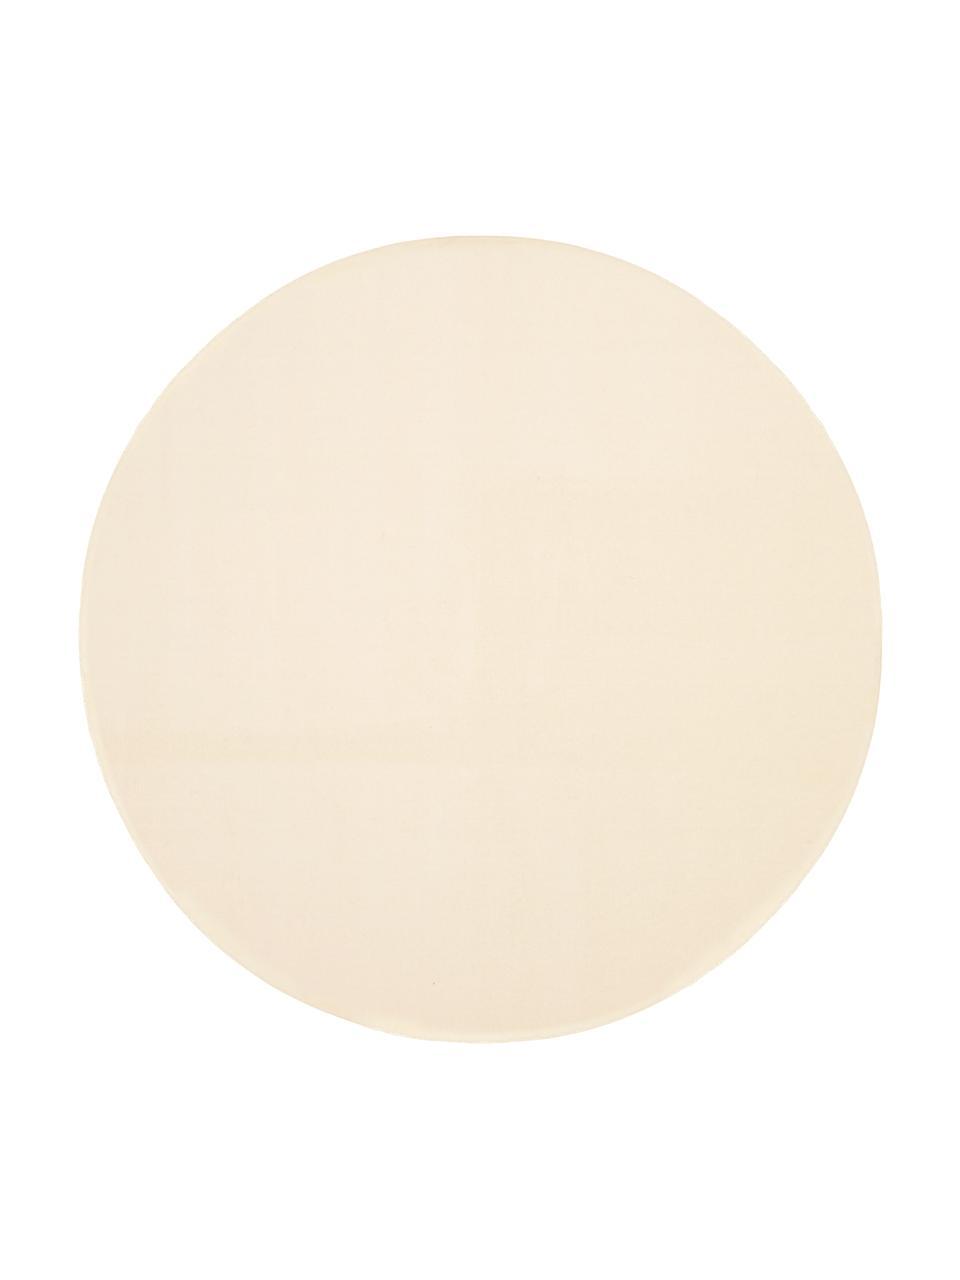 Tappeto rotondo in lana beige Ida, Retro: 60% juta, 40% poliestere , Beige, Ø 200 cm (taglia L)